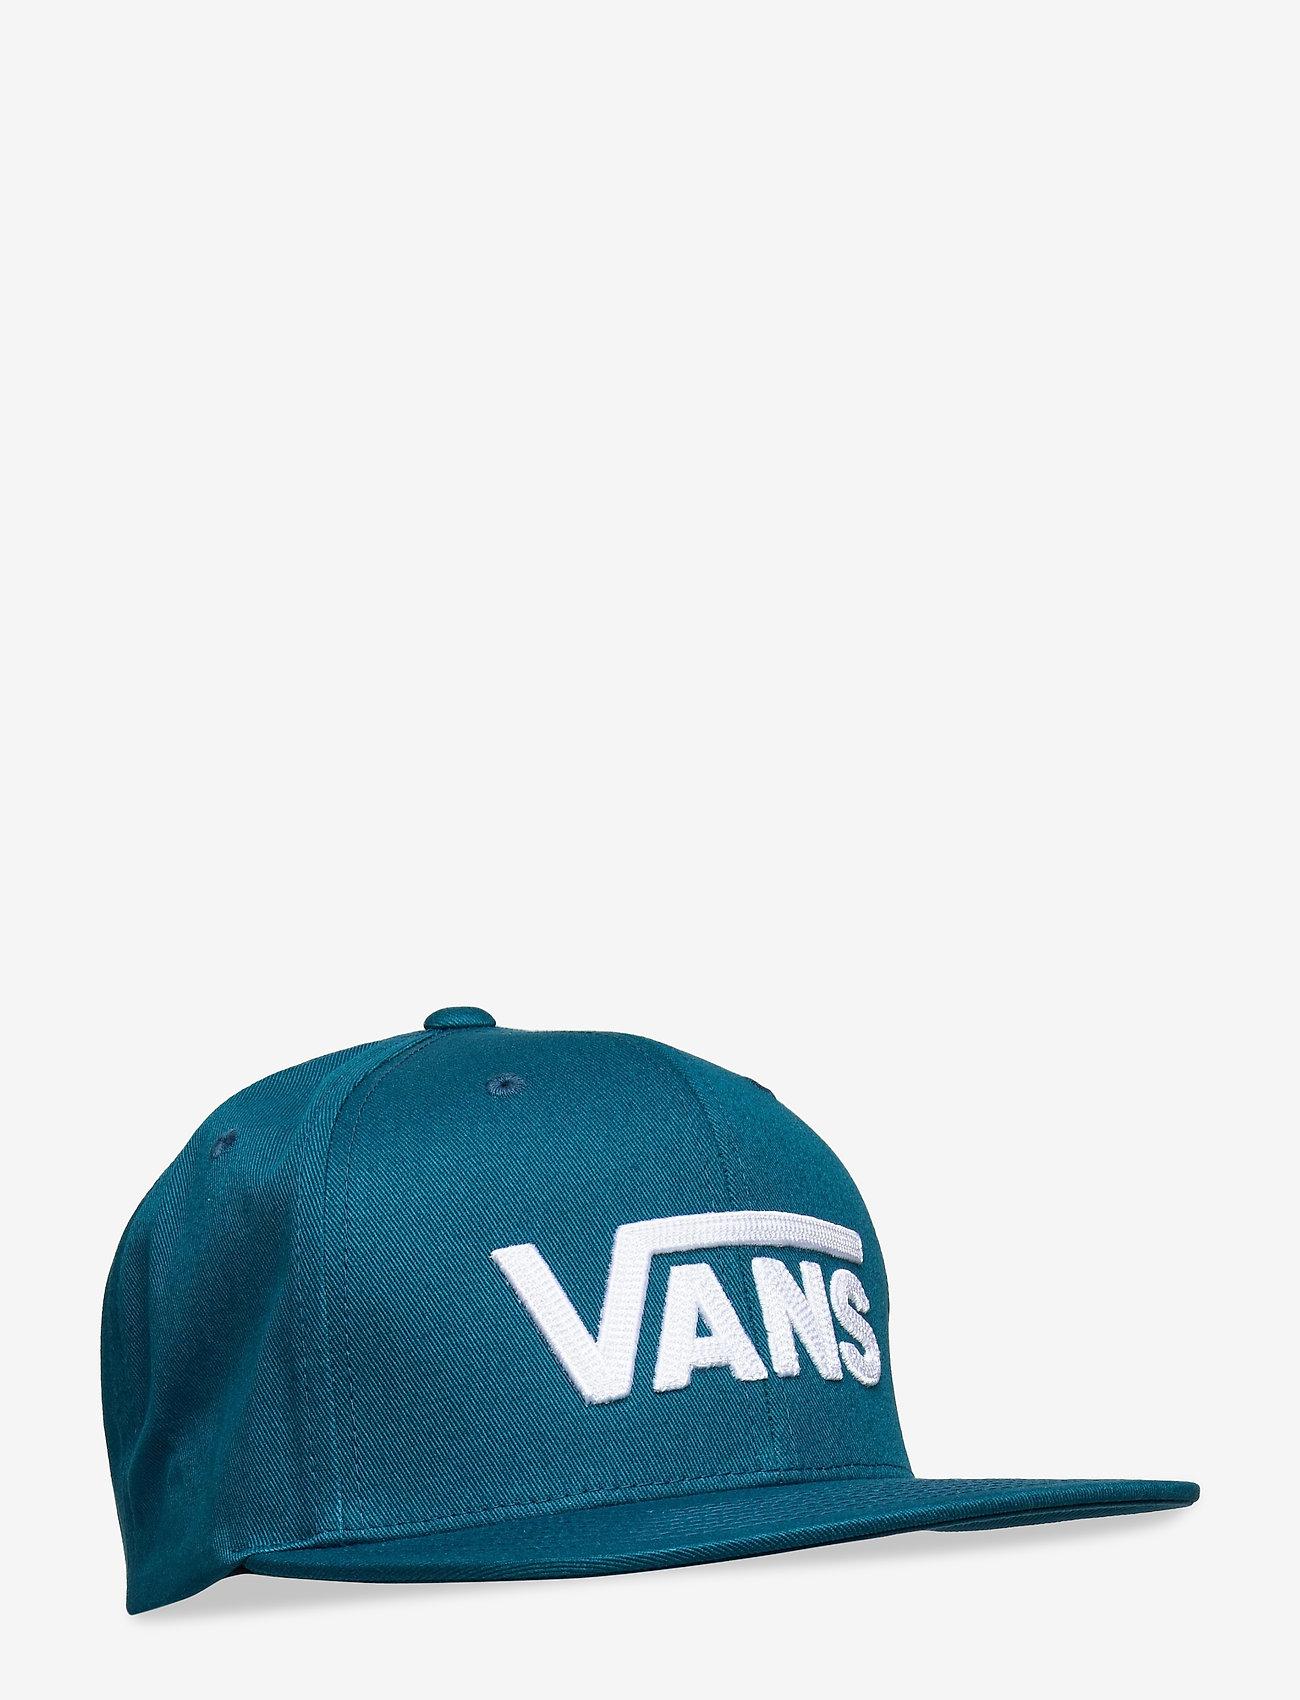 VANS - DROP V II SNAPBACK - flat caps - moroccan blue - 0